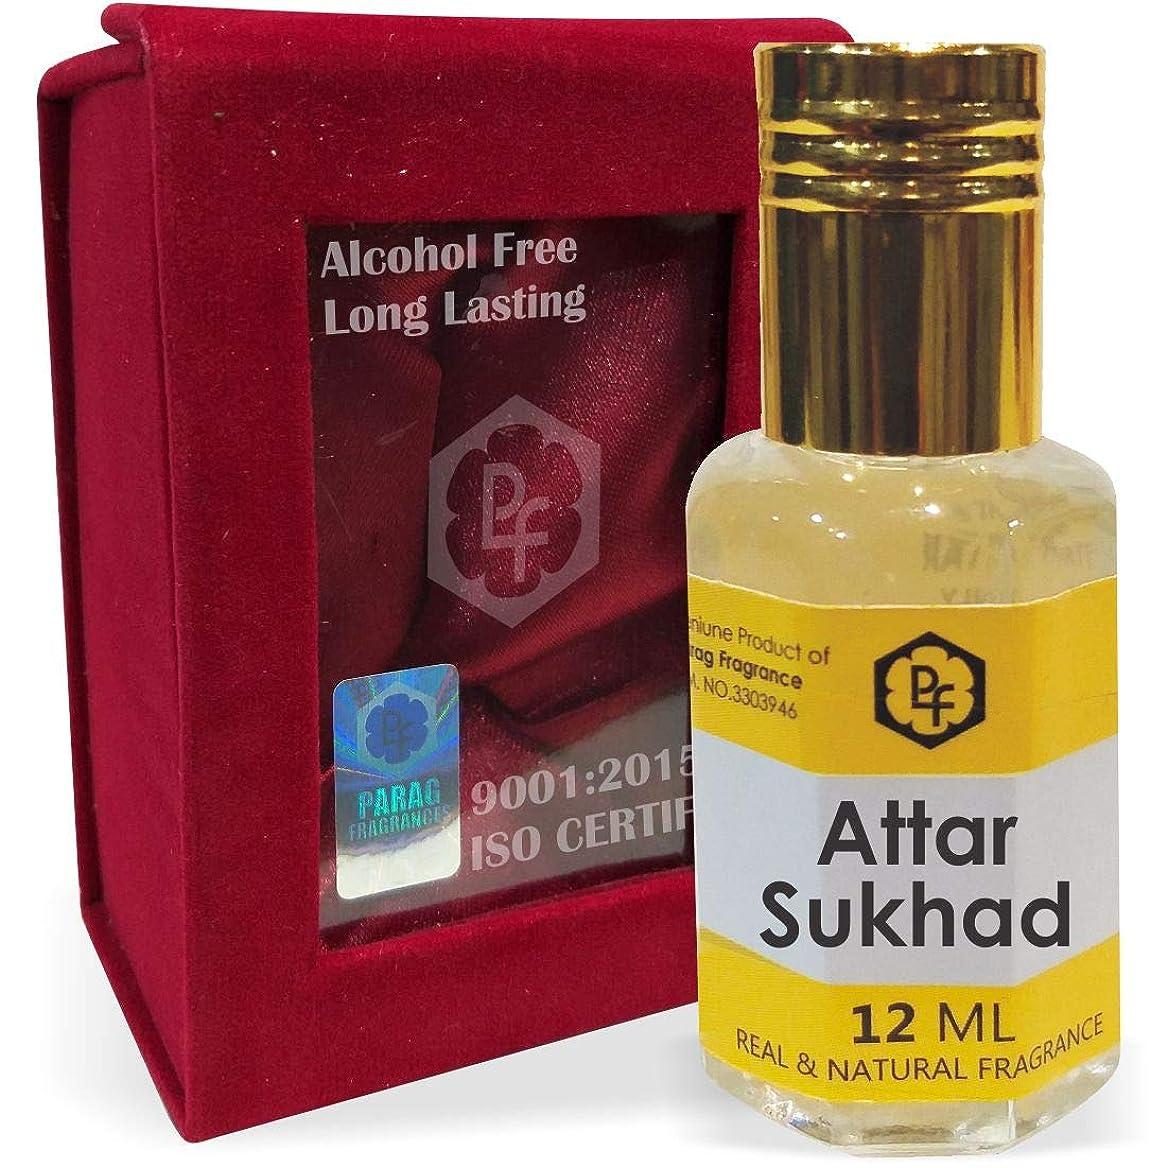 見える不良品アラバマParagフレグランスSukhad手作りベルベットボックス12ミリリットルアター/香水(インドの伝統的なBhapka処理方法により、インド製)オイル/フレグランスオイル|長持ちアターITRA最高の品質